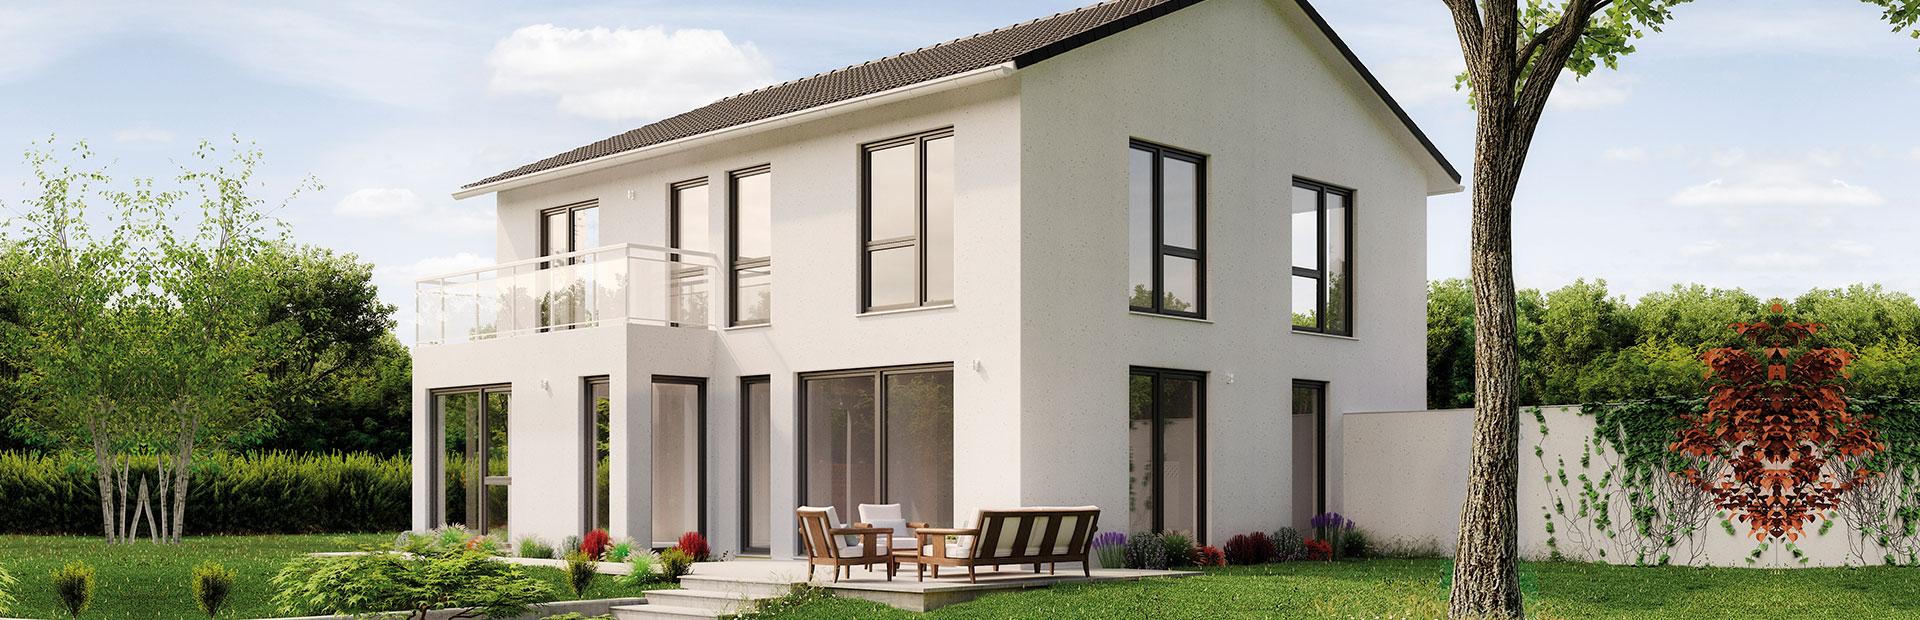 Teilunterkellertes Einfamilienhaus bauen